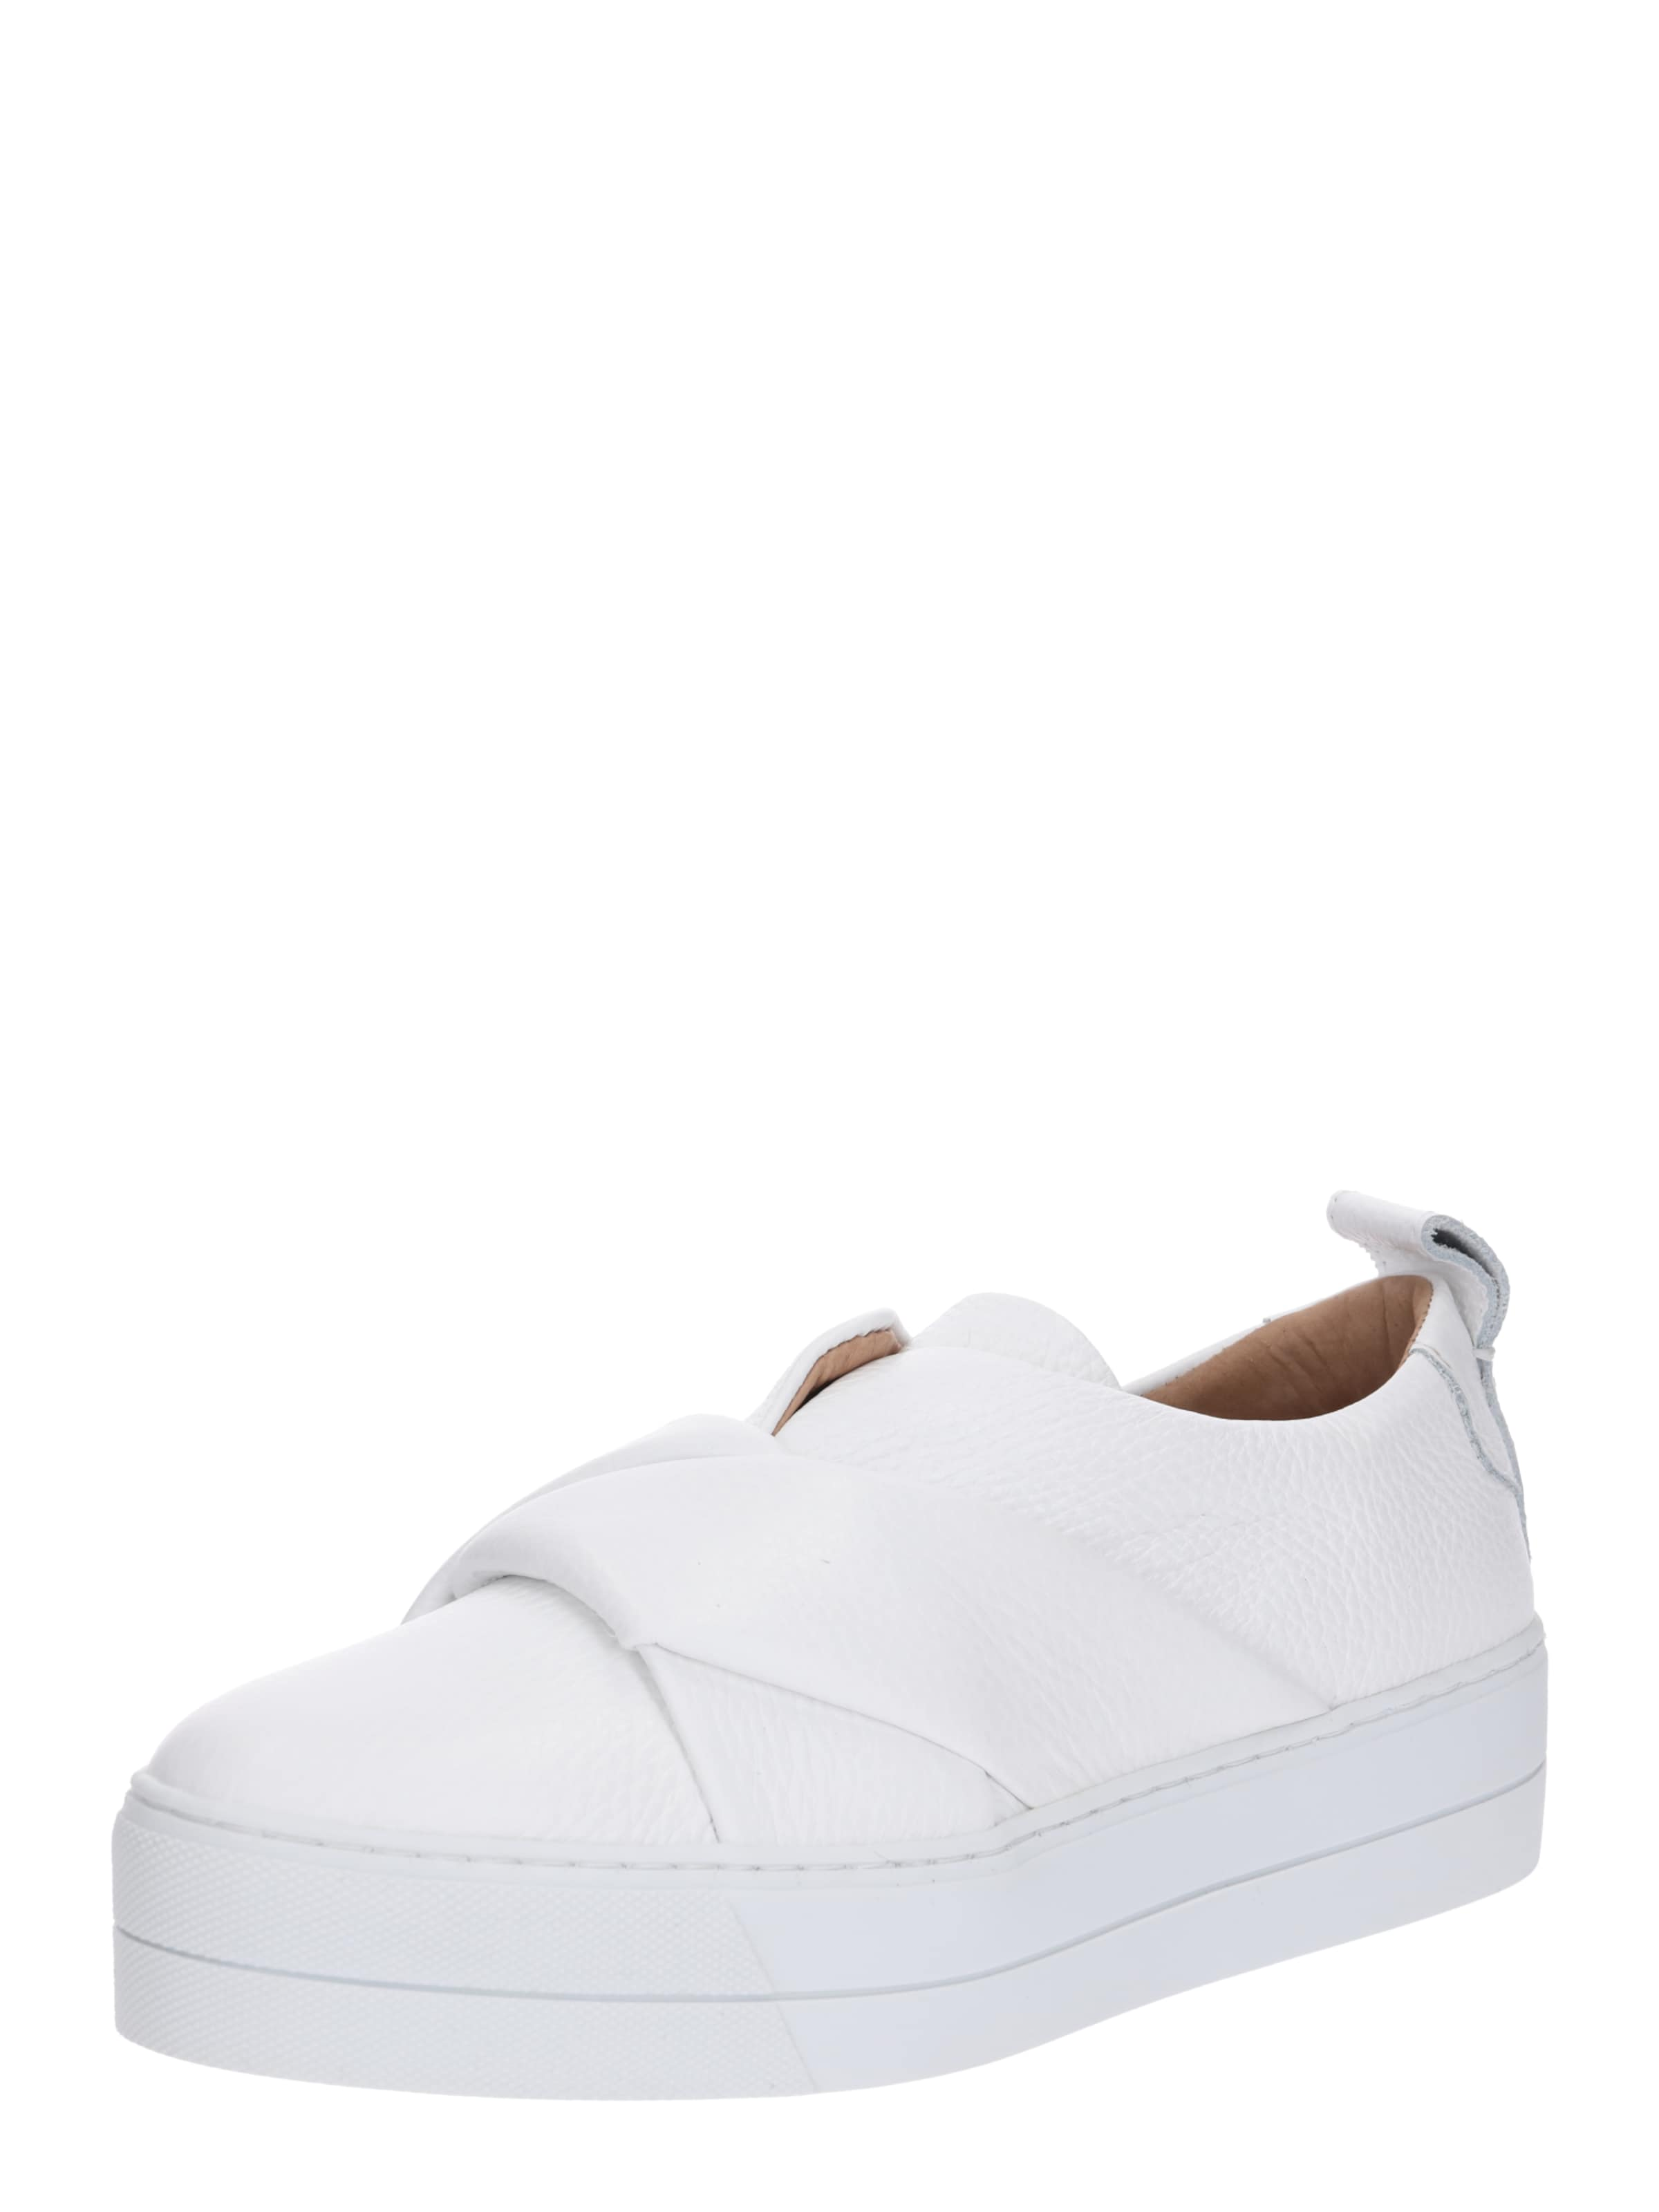 Samsoeamp; In 'inglis Weiß Sneaker 9636' 0kOnPw